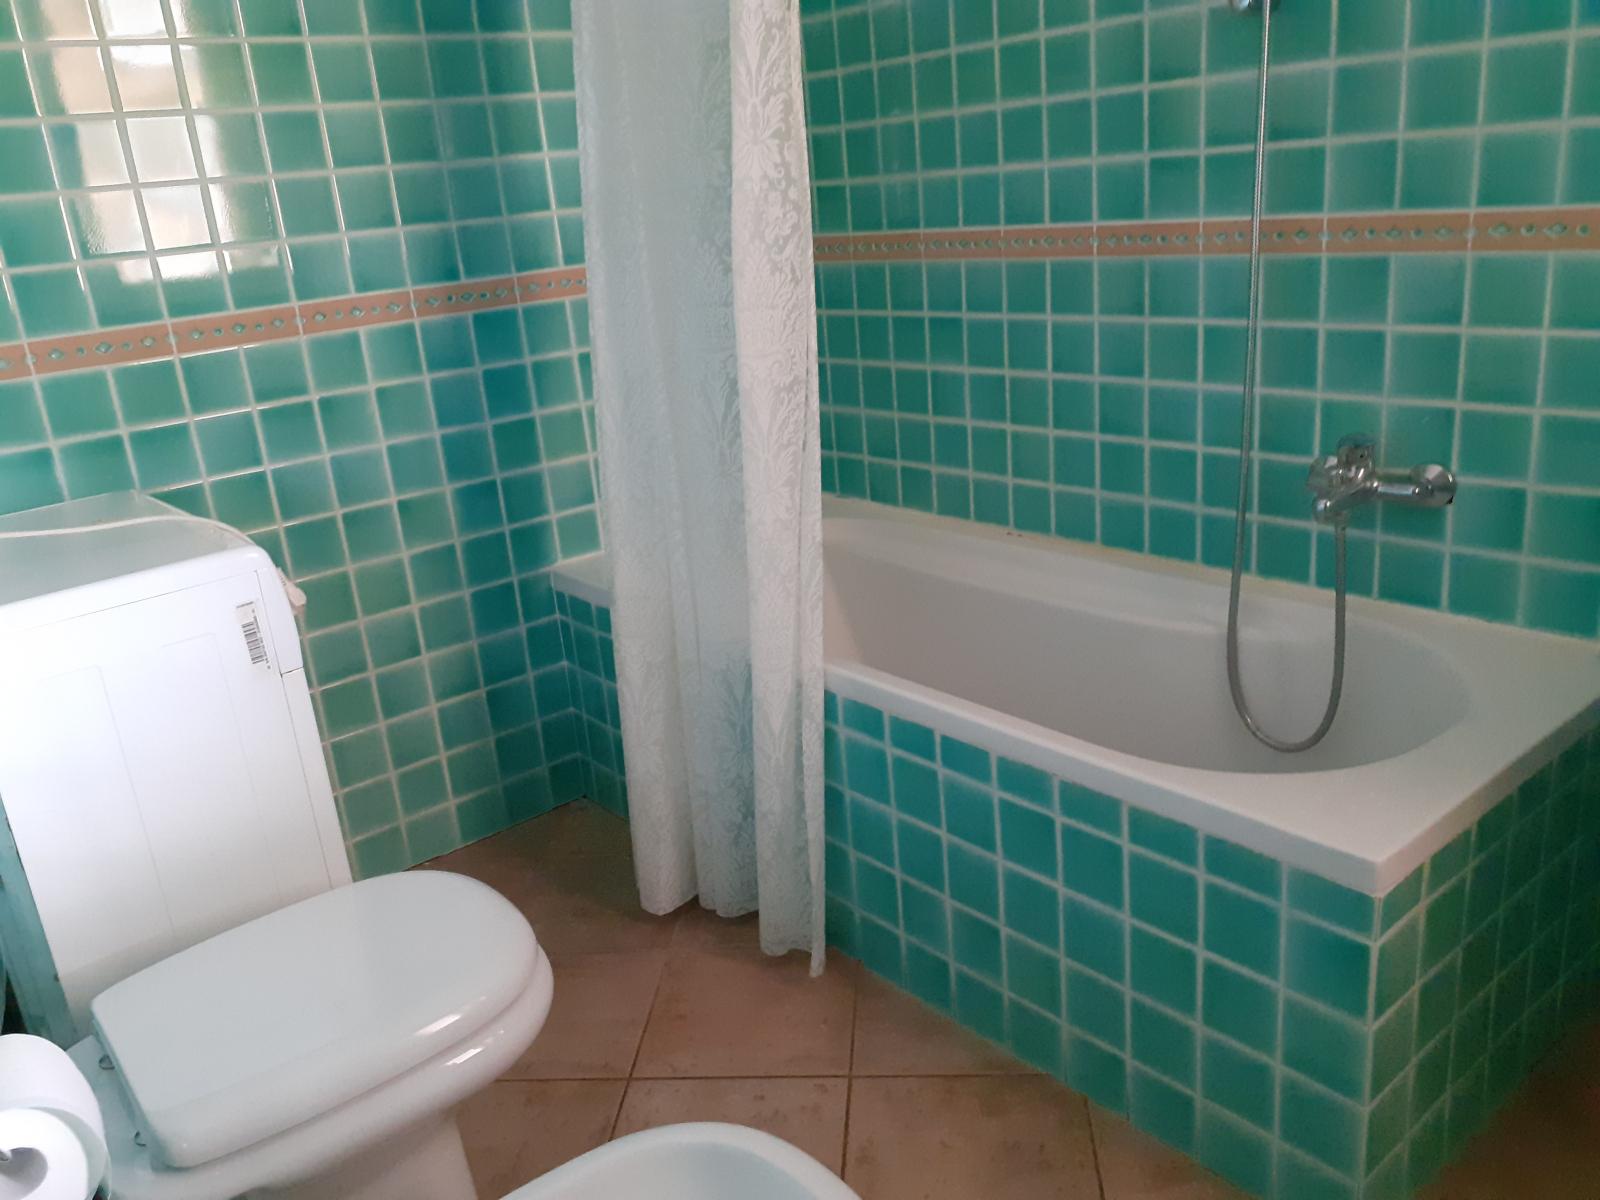 appartamento-in-vendita-bareggio-2-locali-bilocale-spaziourbano-immobiliare-vende-6